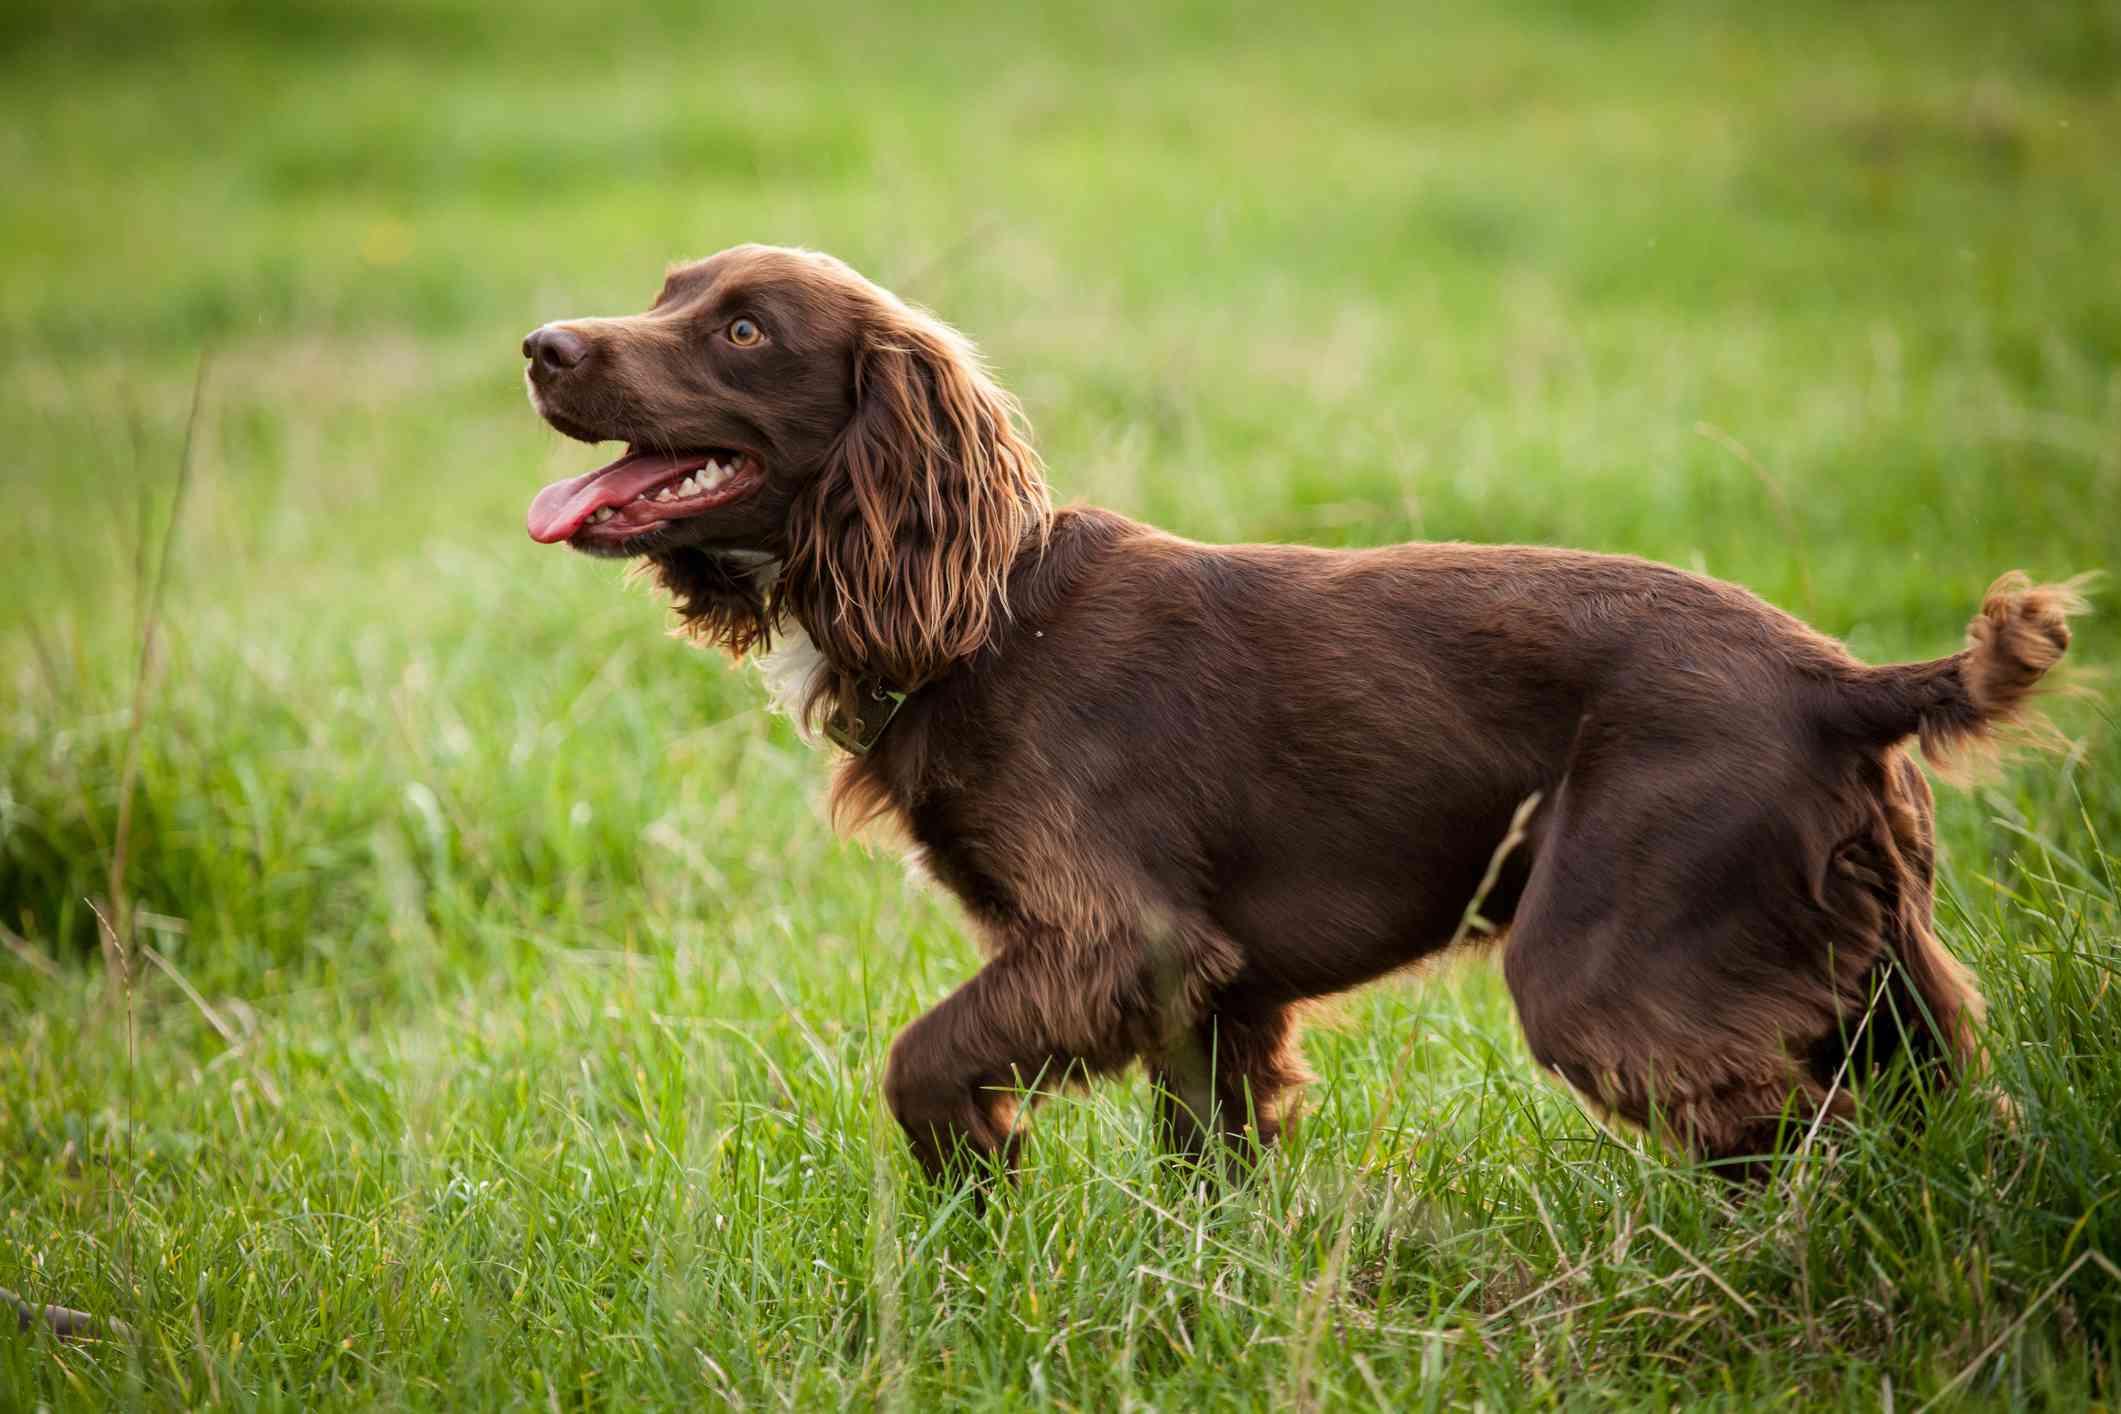 Boykin Spaniel in the field